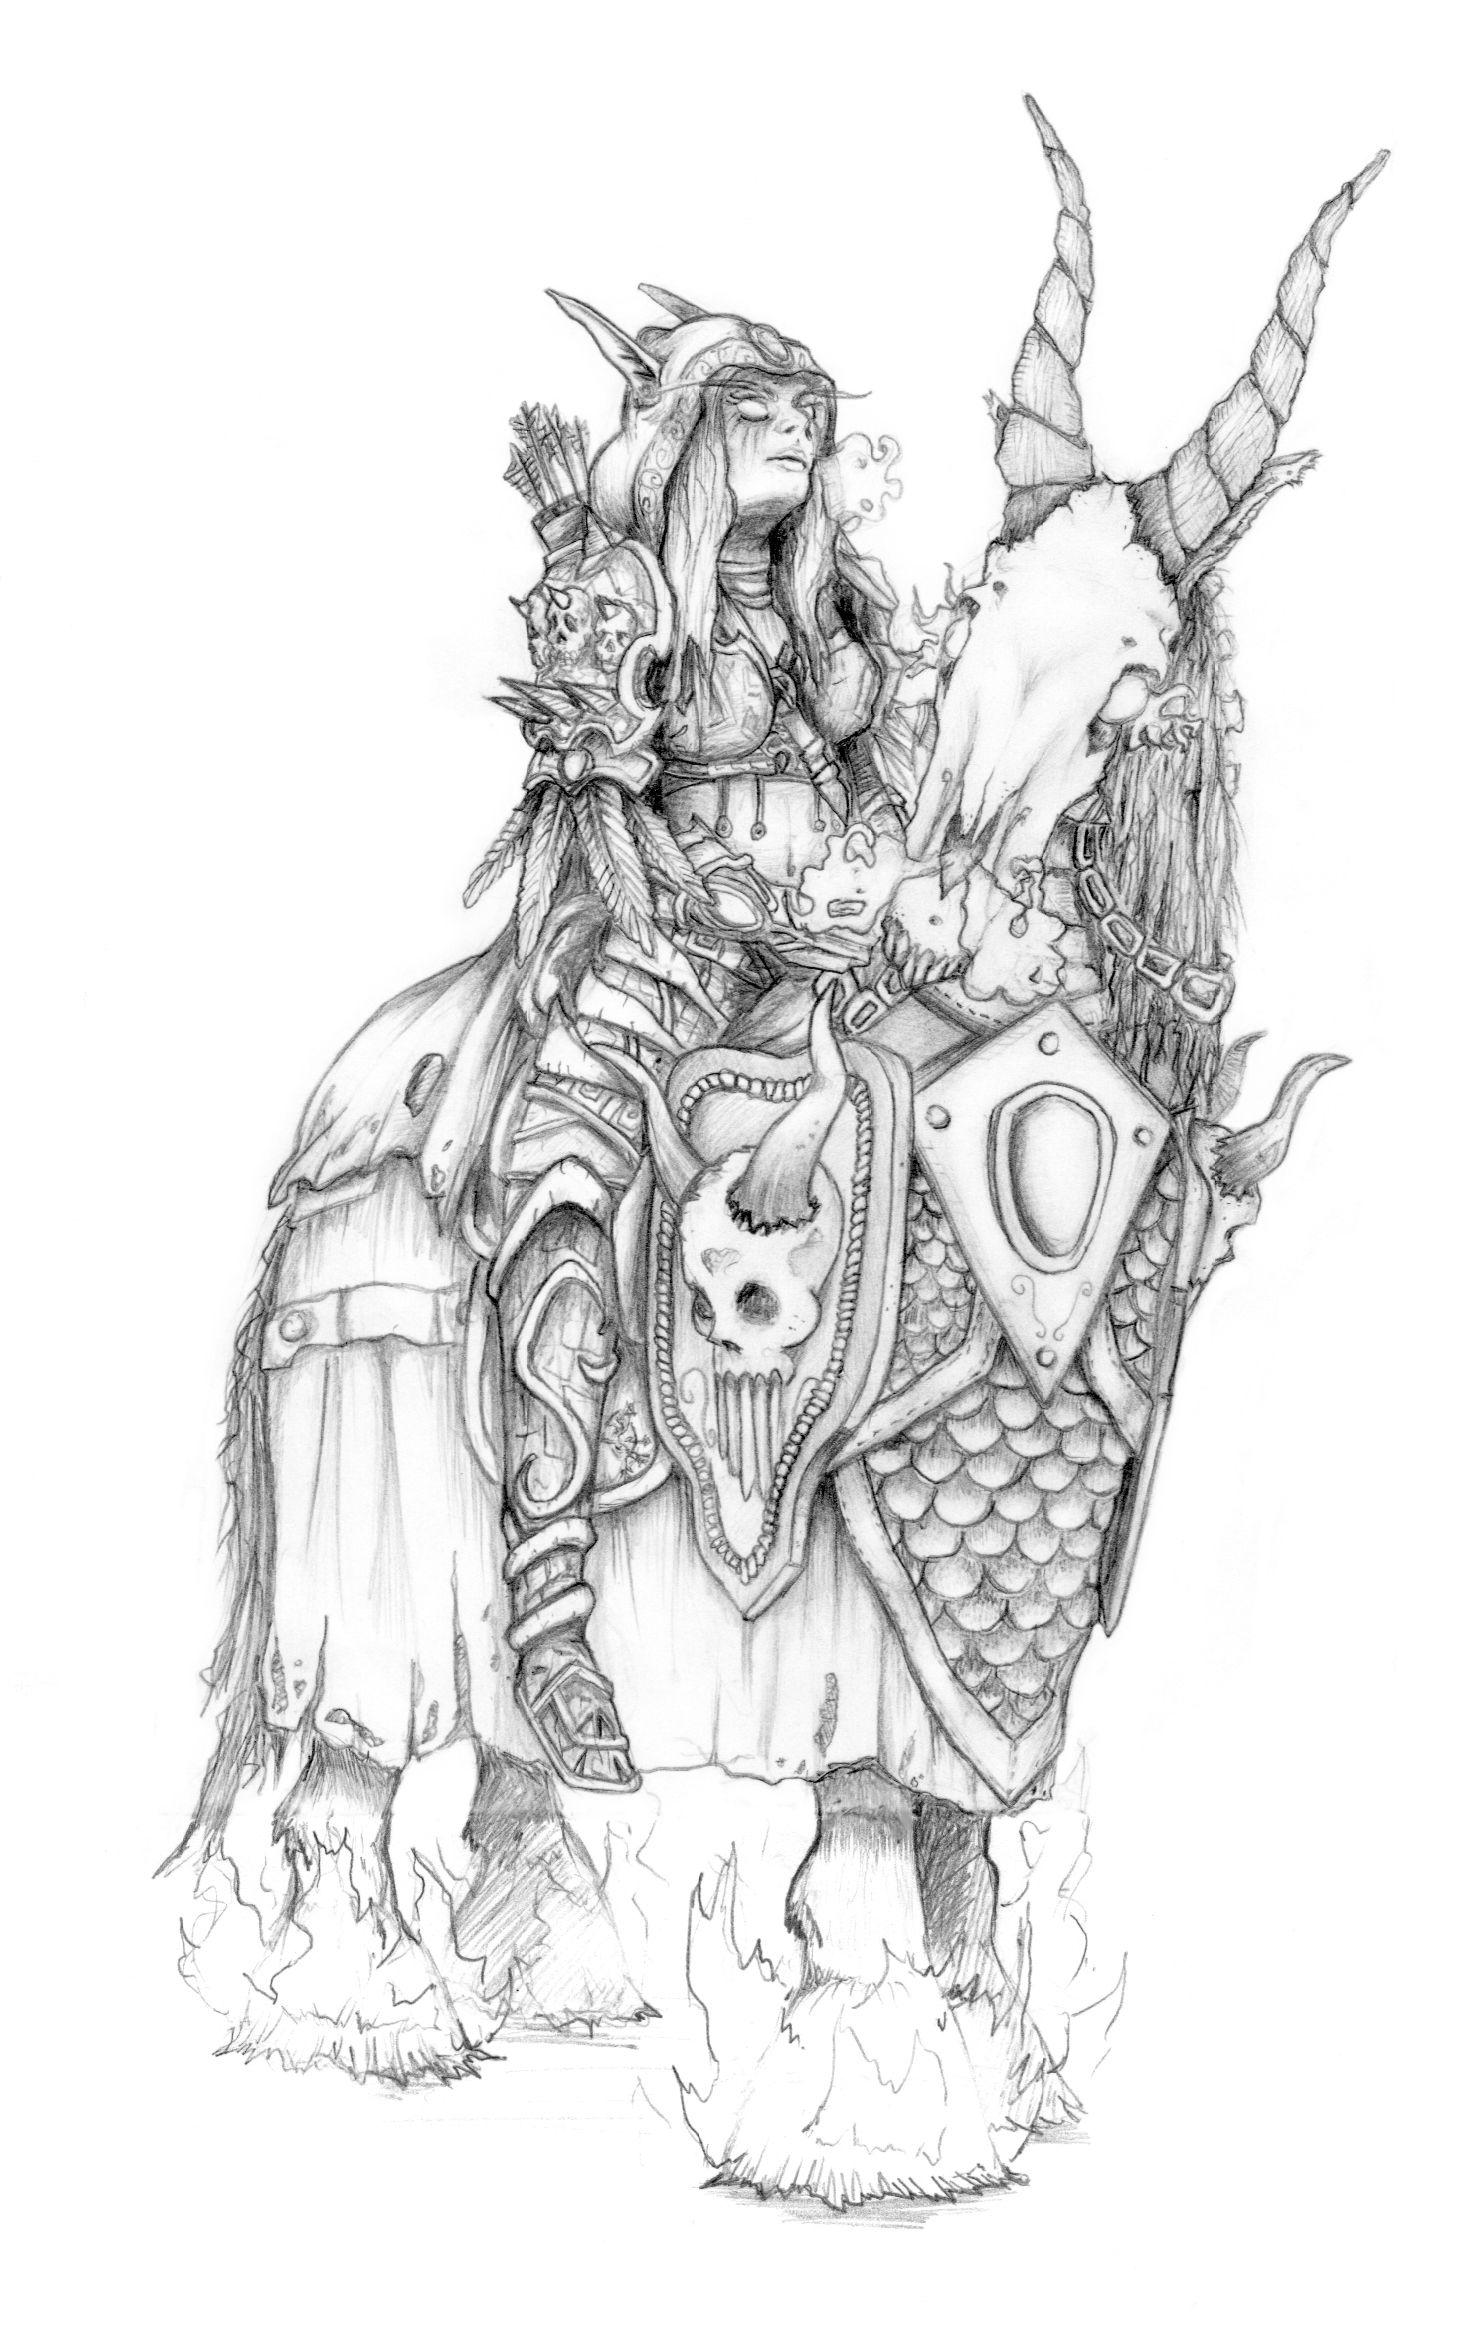 Luke Mancini Sketches Google Search World Of Warcraft Figuren Zeichnen Anime Art Fantasy